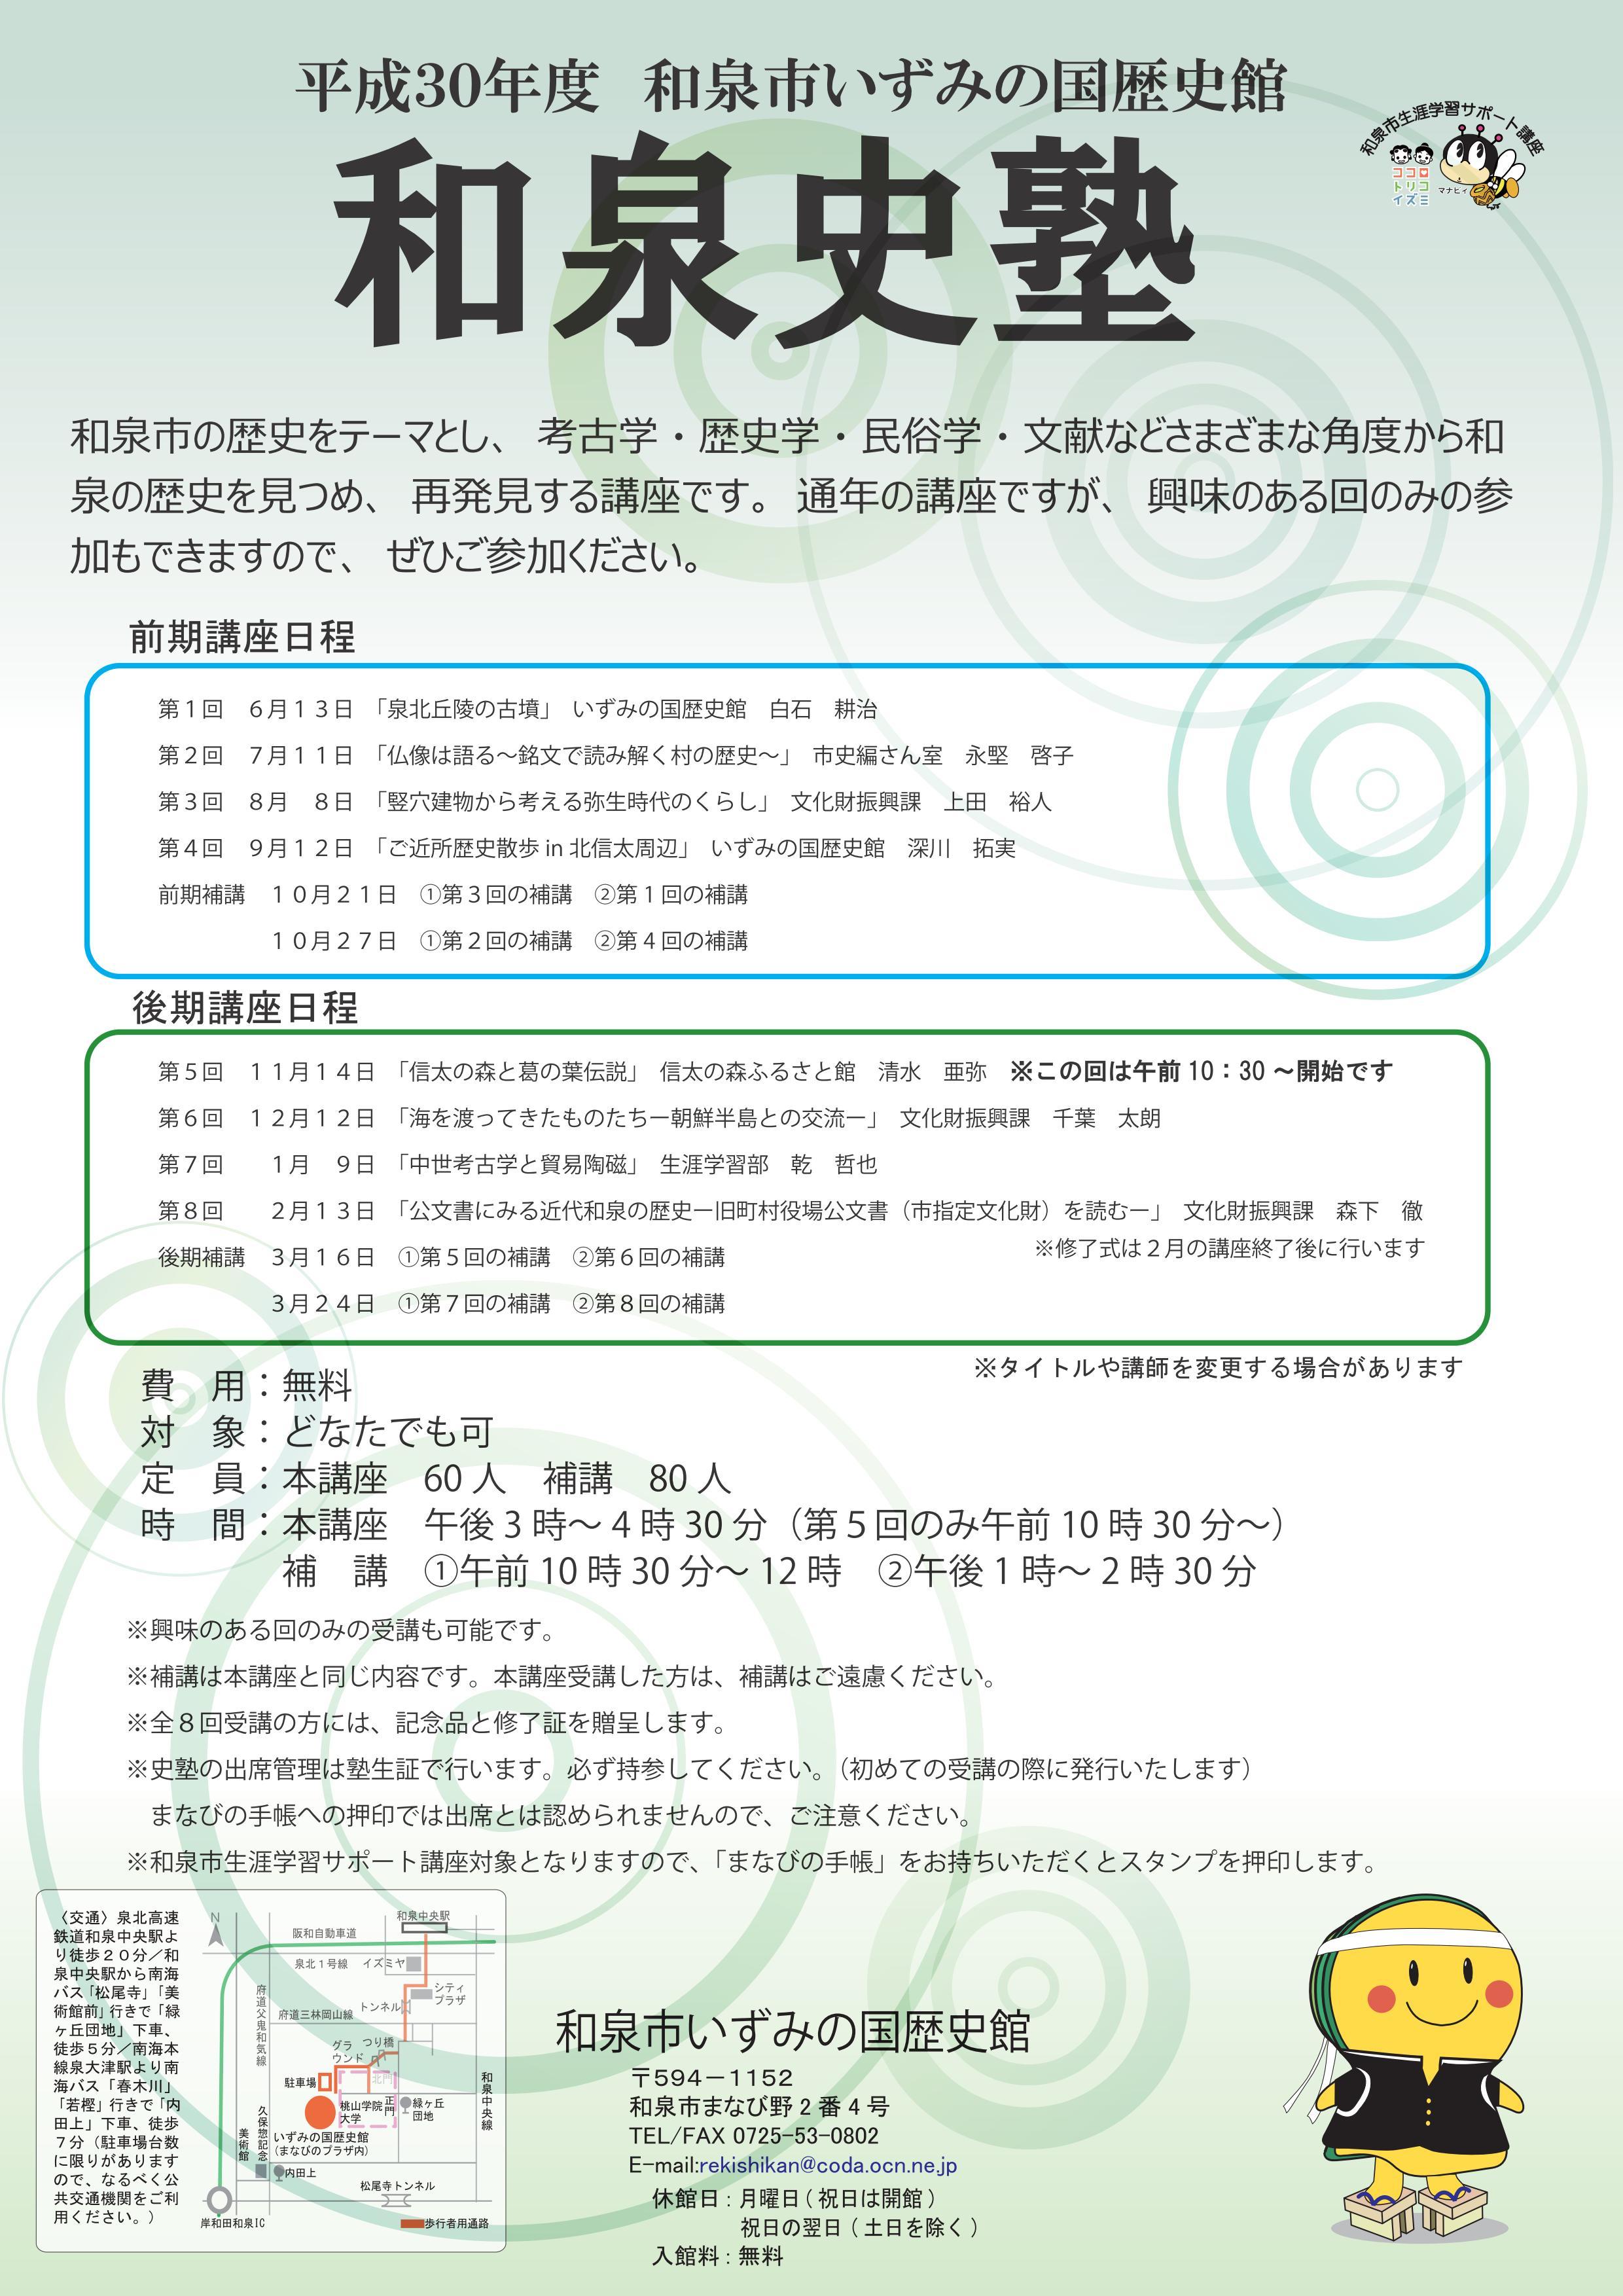 『第4回 和泉史塾』9/12(水)開催!和泉市いずみの国歴史館